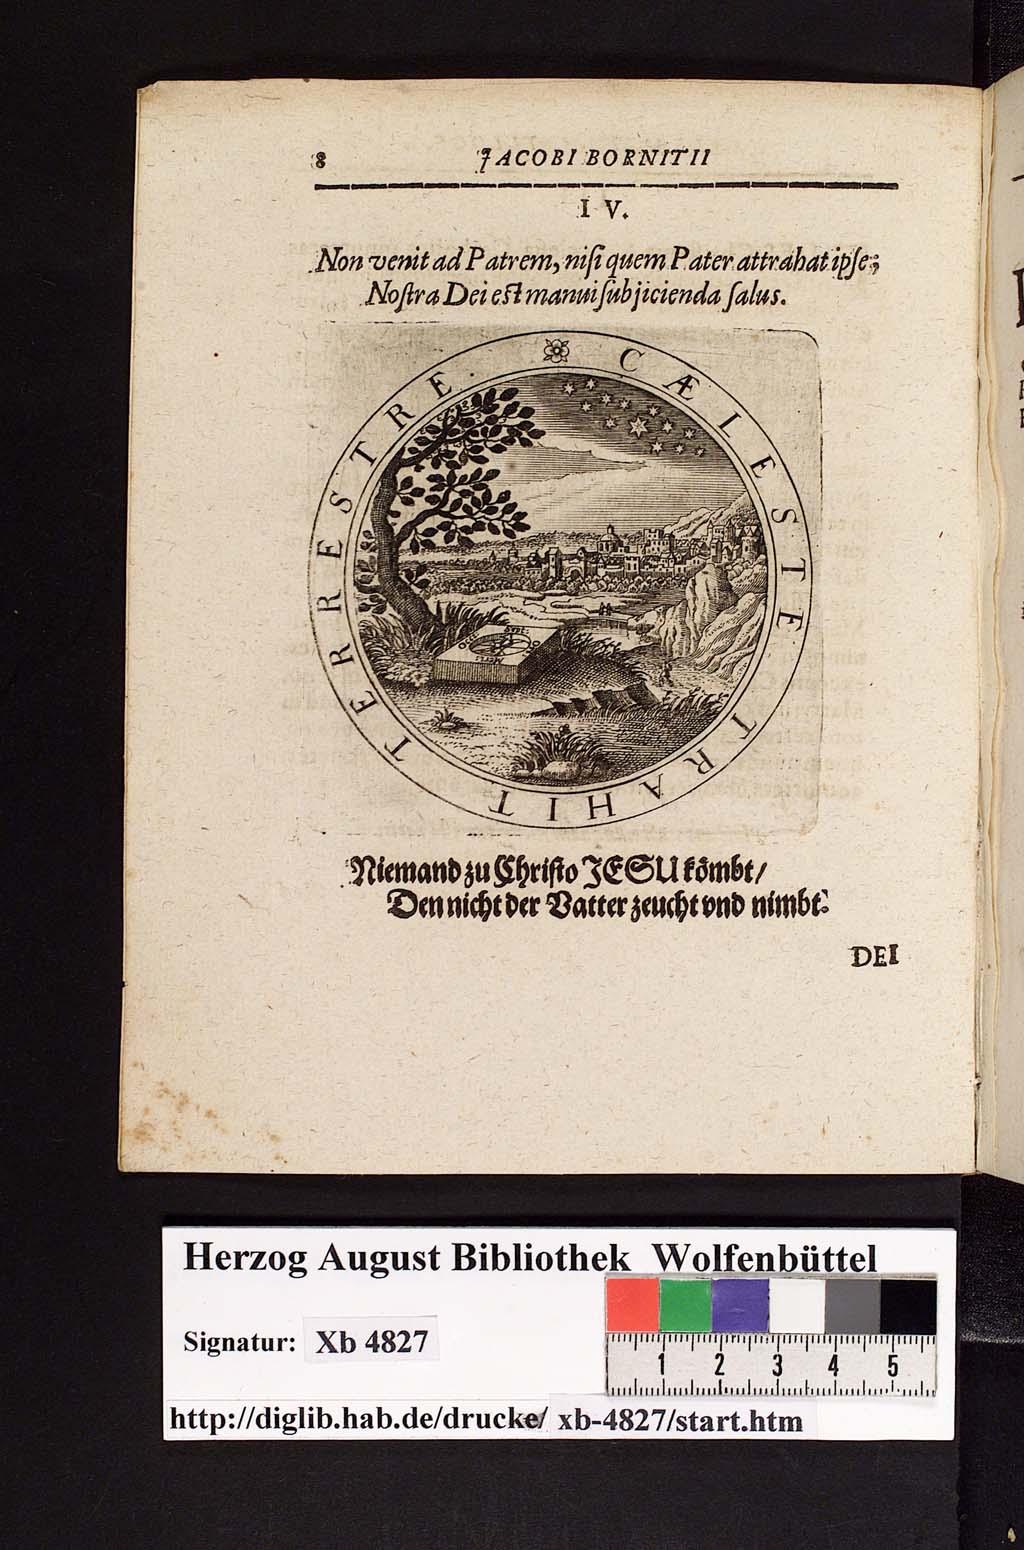 http://diglib.hab.de/drucke/xb-4827/00011.jpg